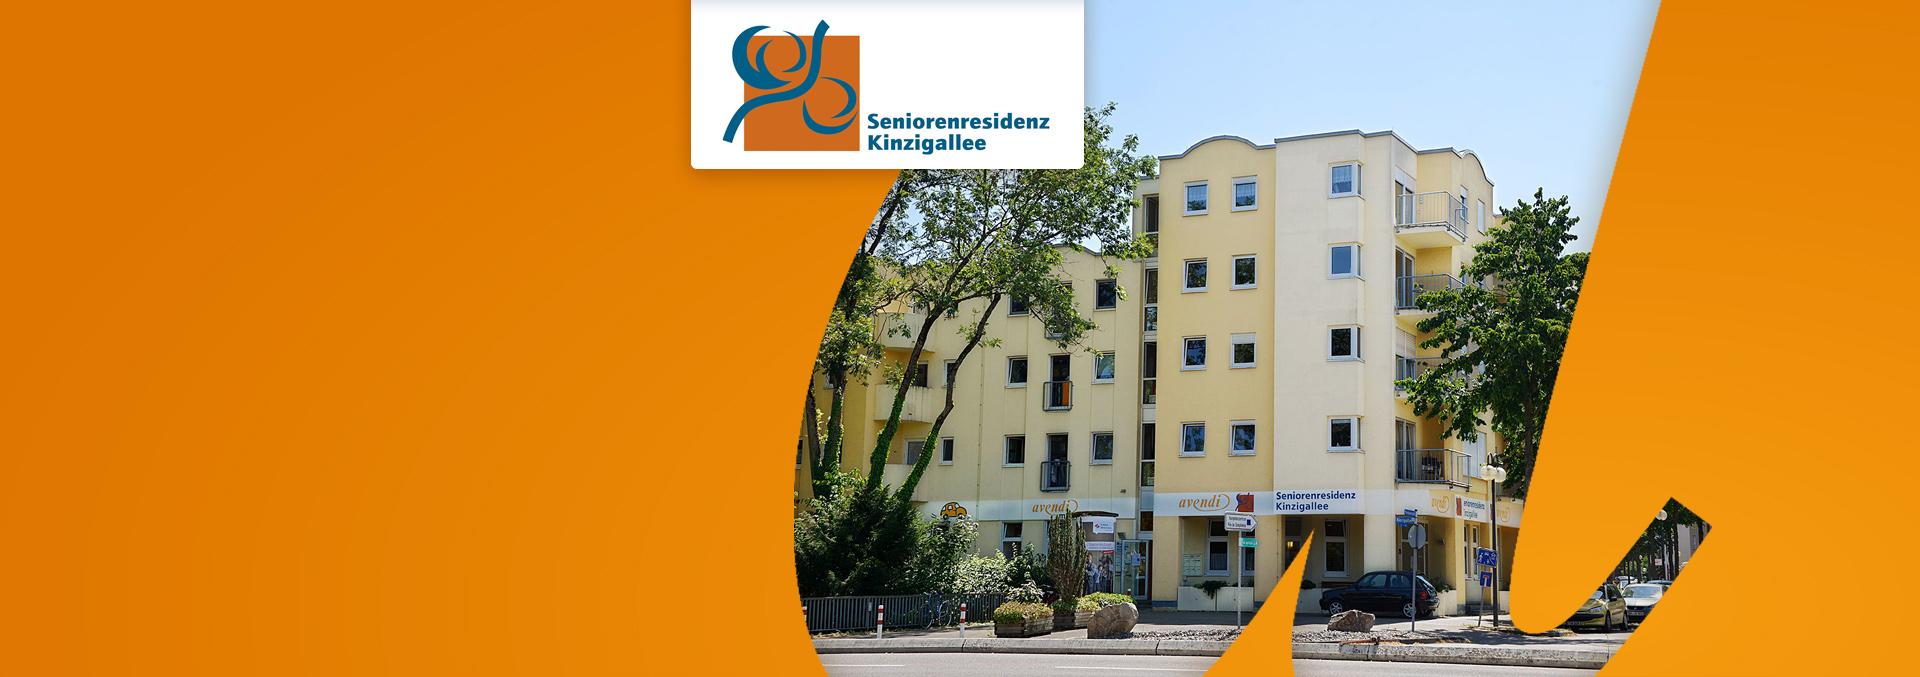 Wohnen in der Seniorenresidenz KINZIGALLEE: Fünfstöckiges gelbes Haus neben verkehrsberuhigter Zone, von Bäumen umgeben.